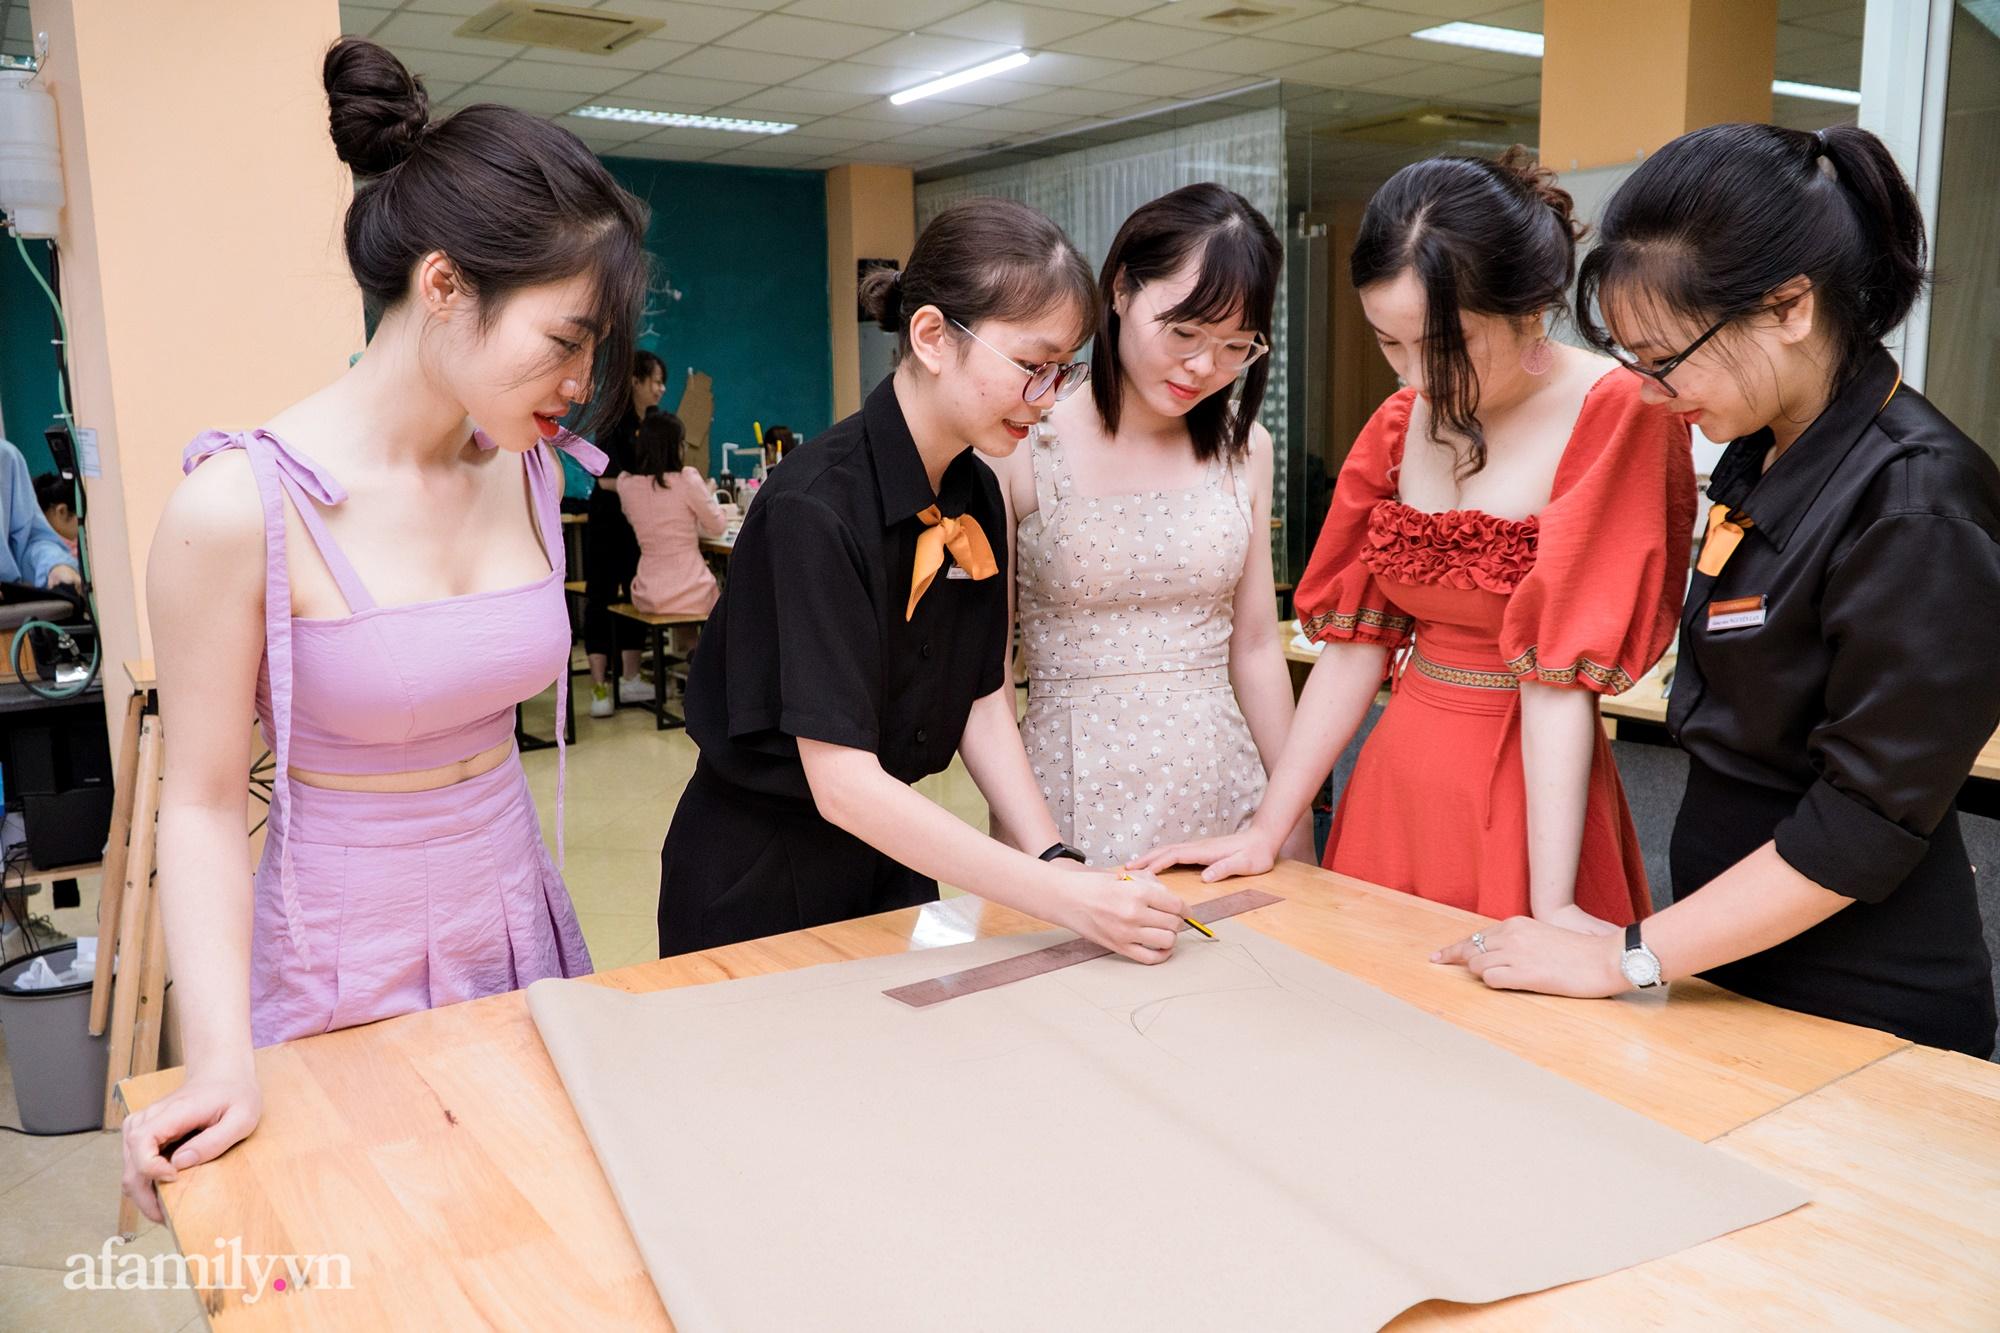 """""""Mục sở thị"""" lớp học cắt may thời trang ứng dụng: Thú vui mới điểm tô cho cuộc sống bận rộn của những quý cô thị thành - Ảnh 5."""